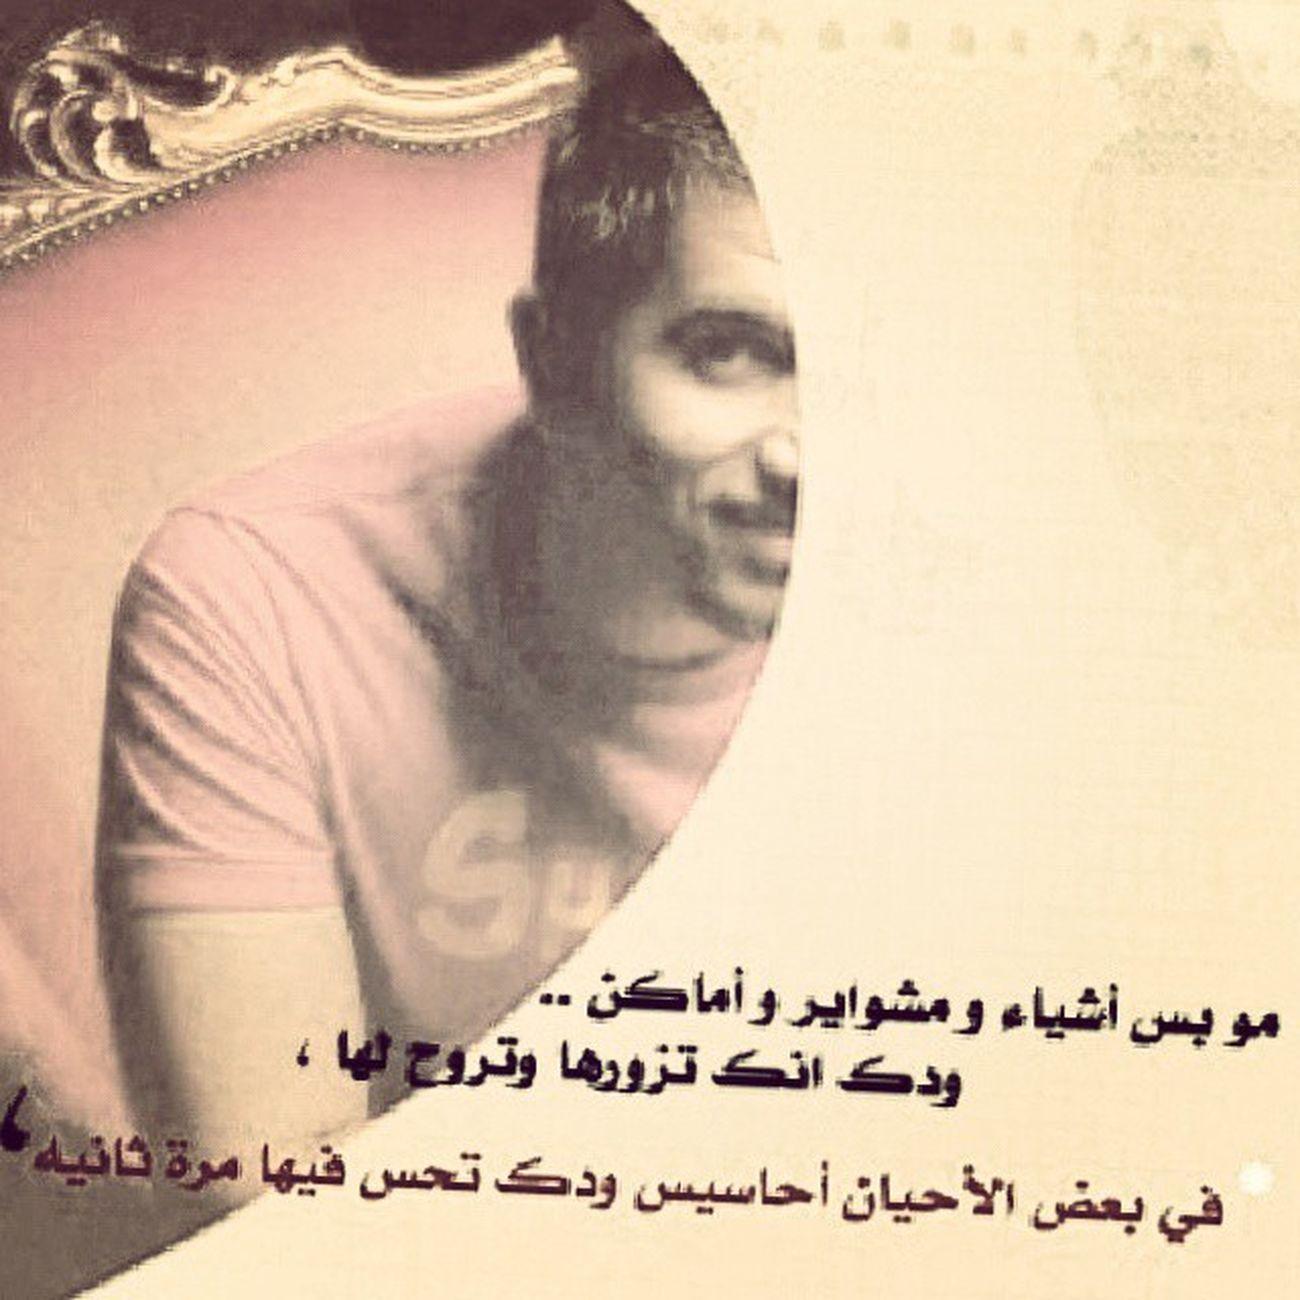 ♡♡♡♡♡♡ مشاعر علي_نجم الاغلبيه_الصامته